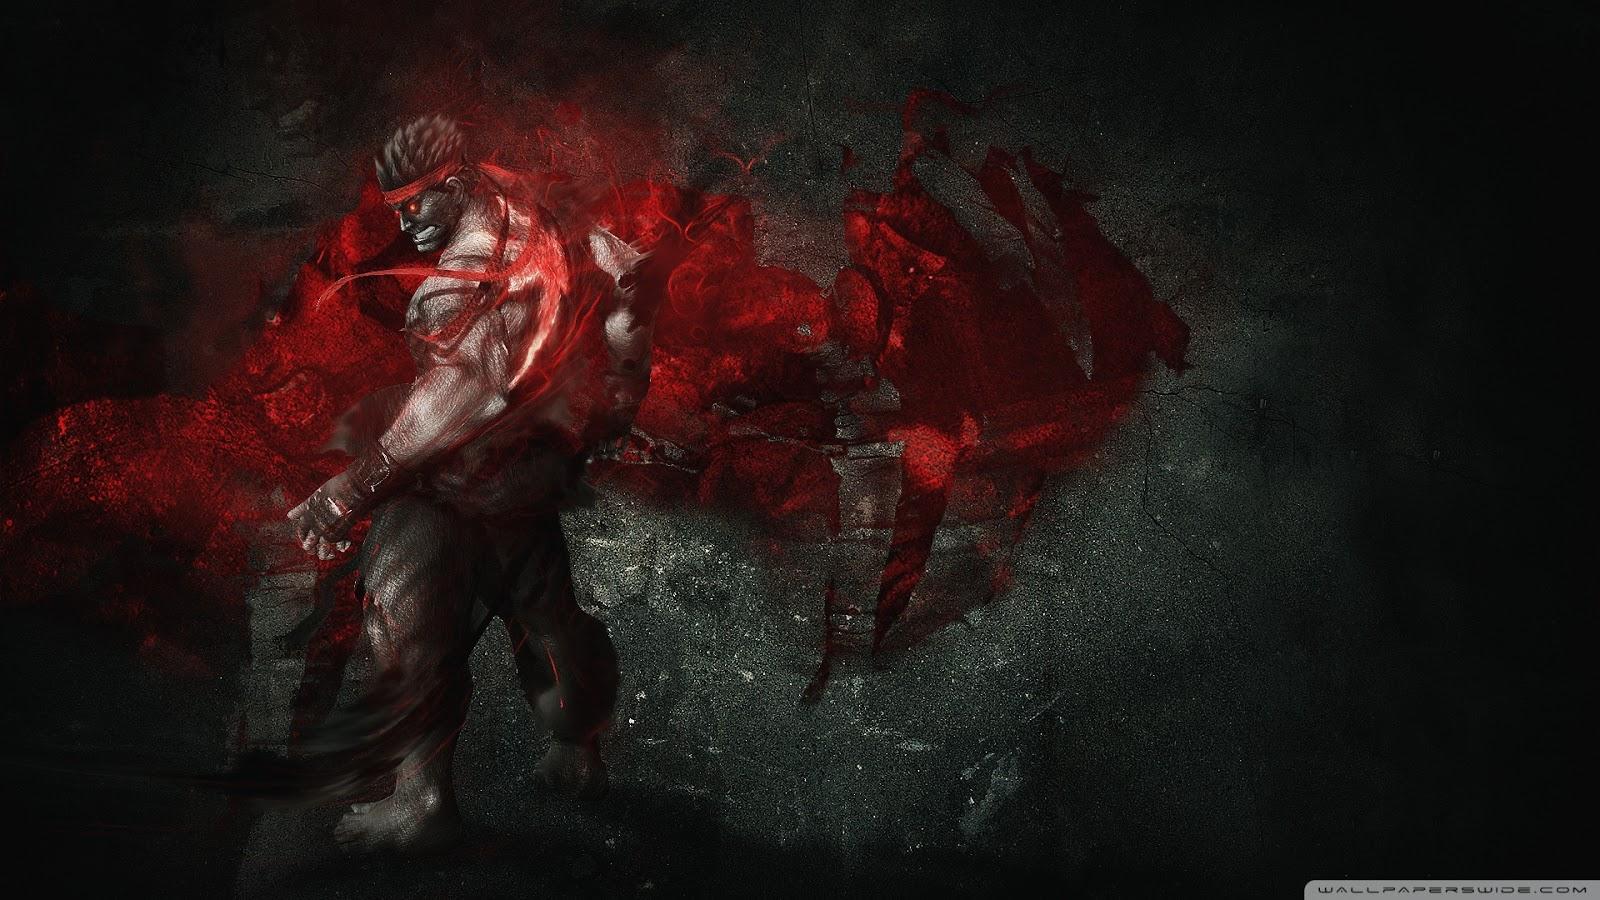 Killzone Shadow Fall Full Hd Wallpaper Wallpapers Hd Wallpapers De Street Fighter Y Tekken Hd